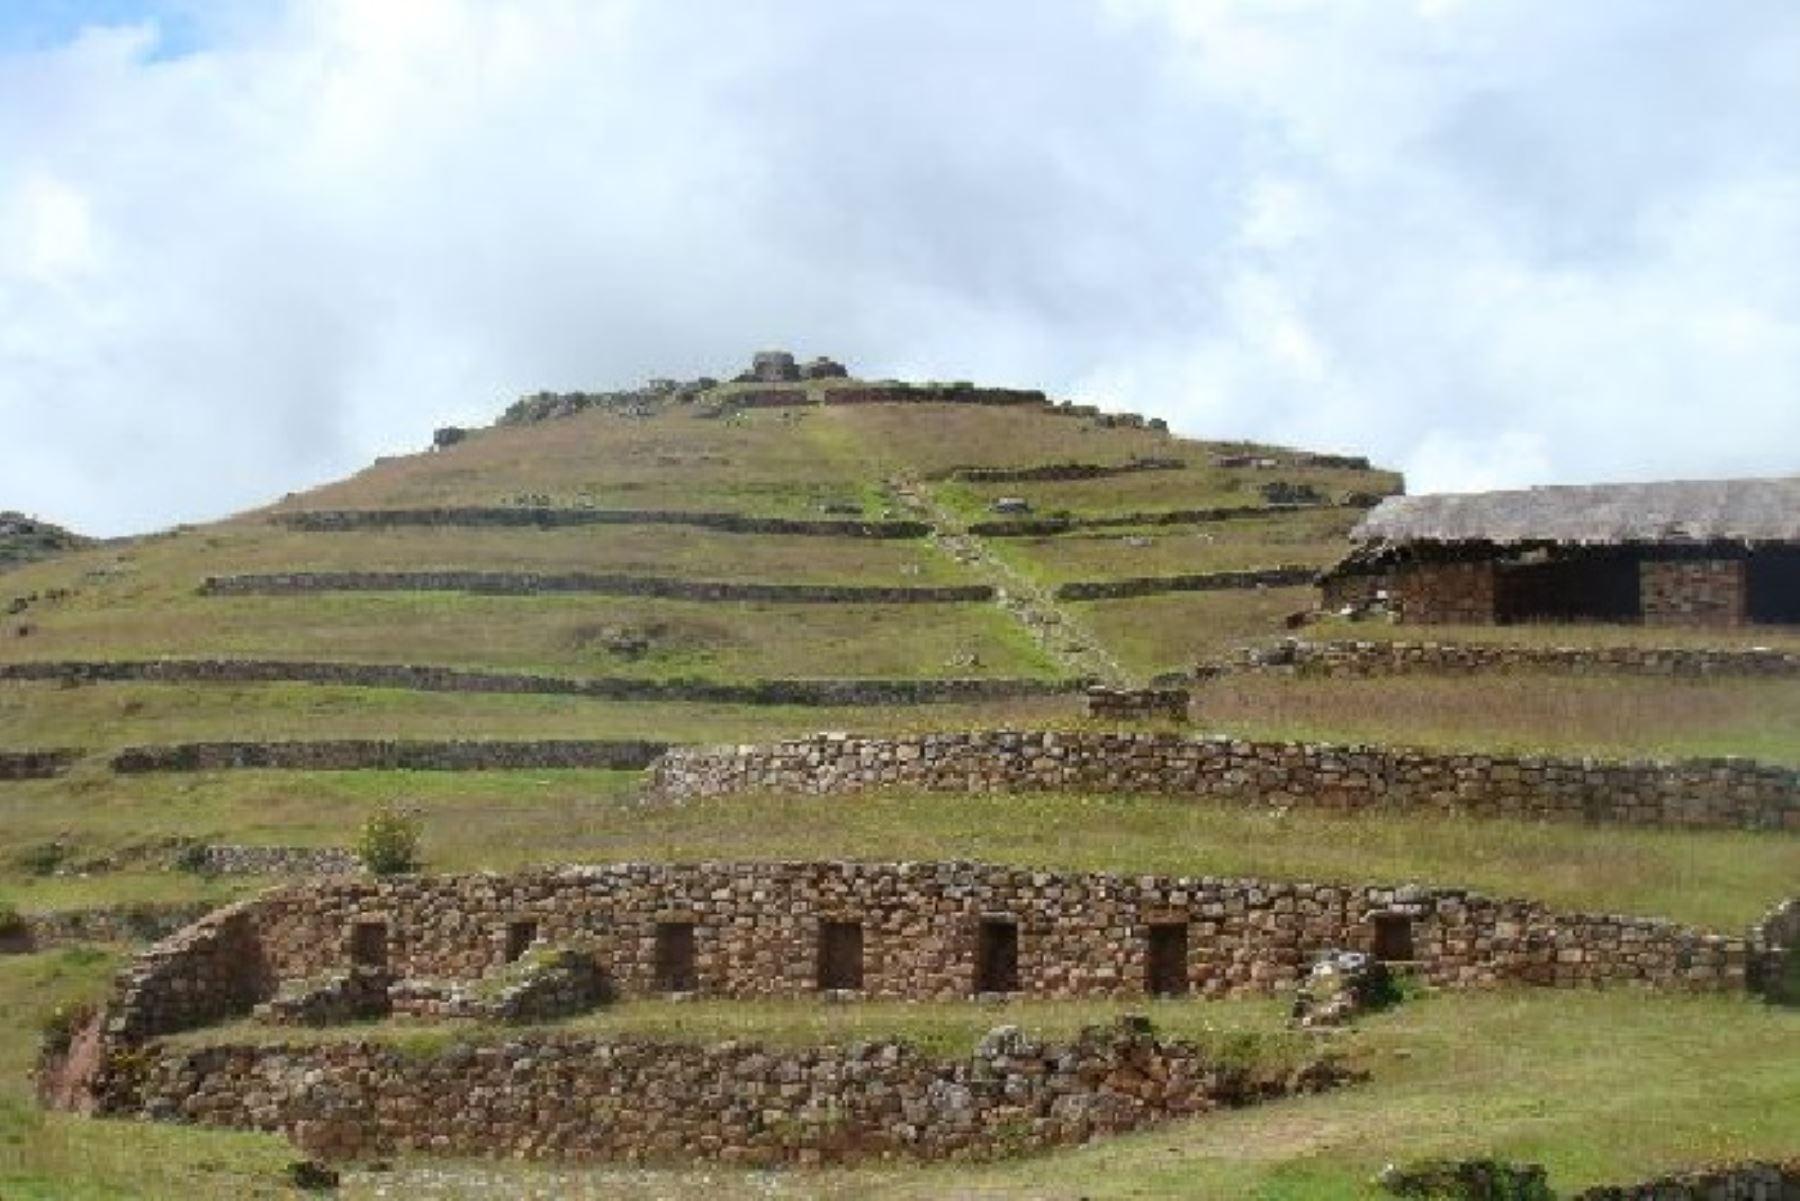 Gobierno regional pondrá en valor la laguna de Pacucha y el sitio arqueológico de Sóndor